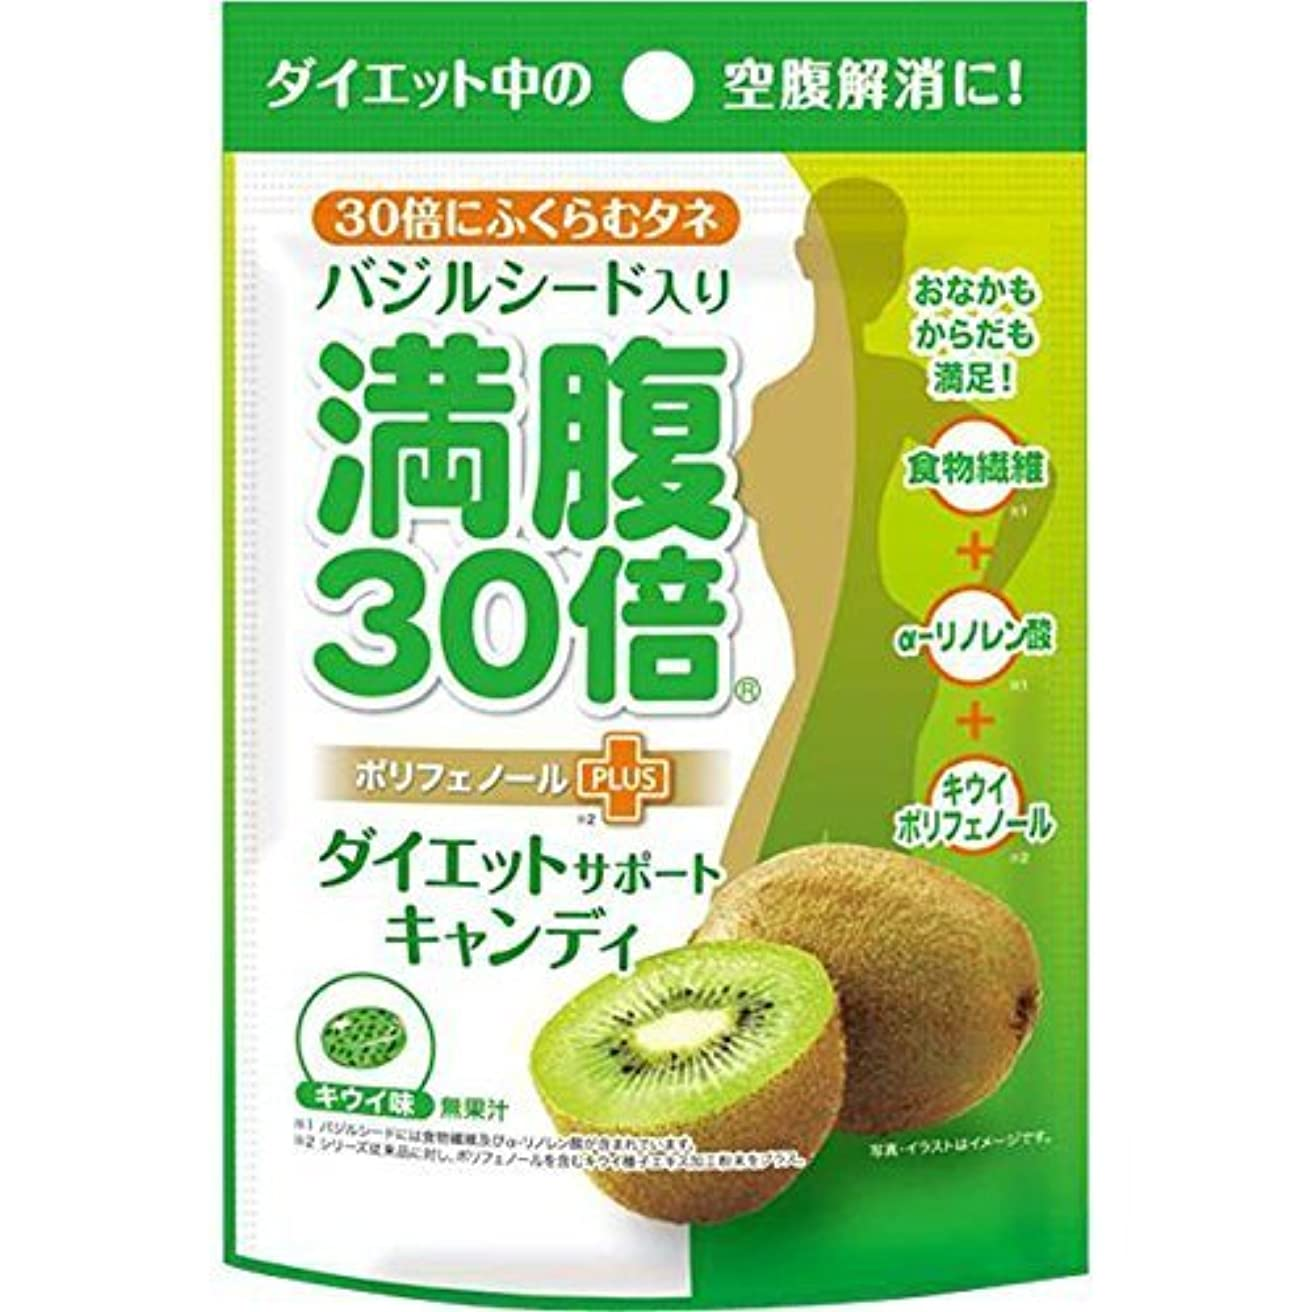 キャンディー純粋な表向きグラフィコ 満腹30倍ダイエットサポートキャンディ キウイ42g×3